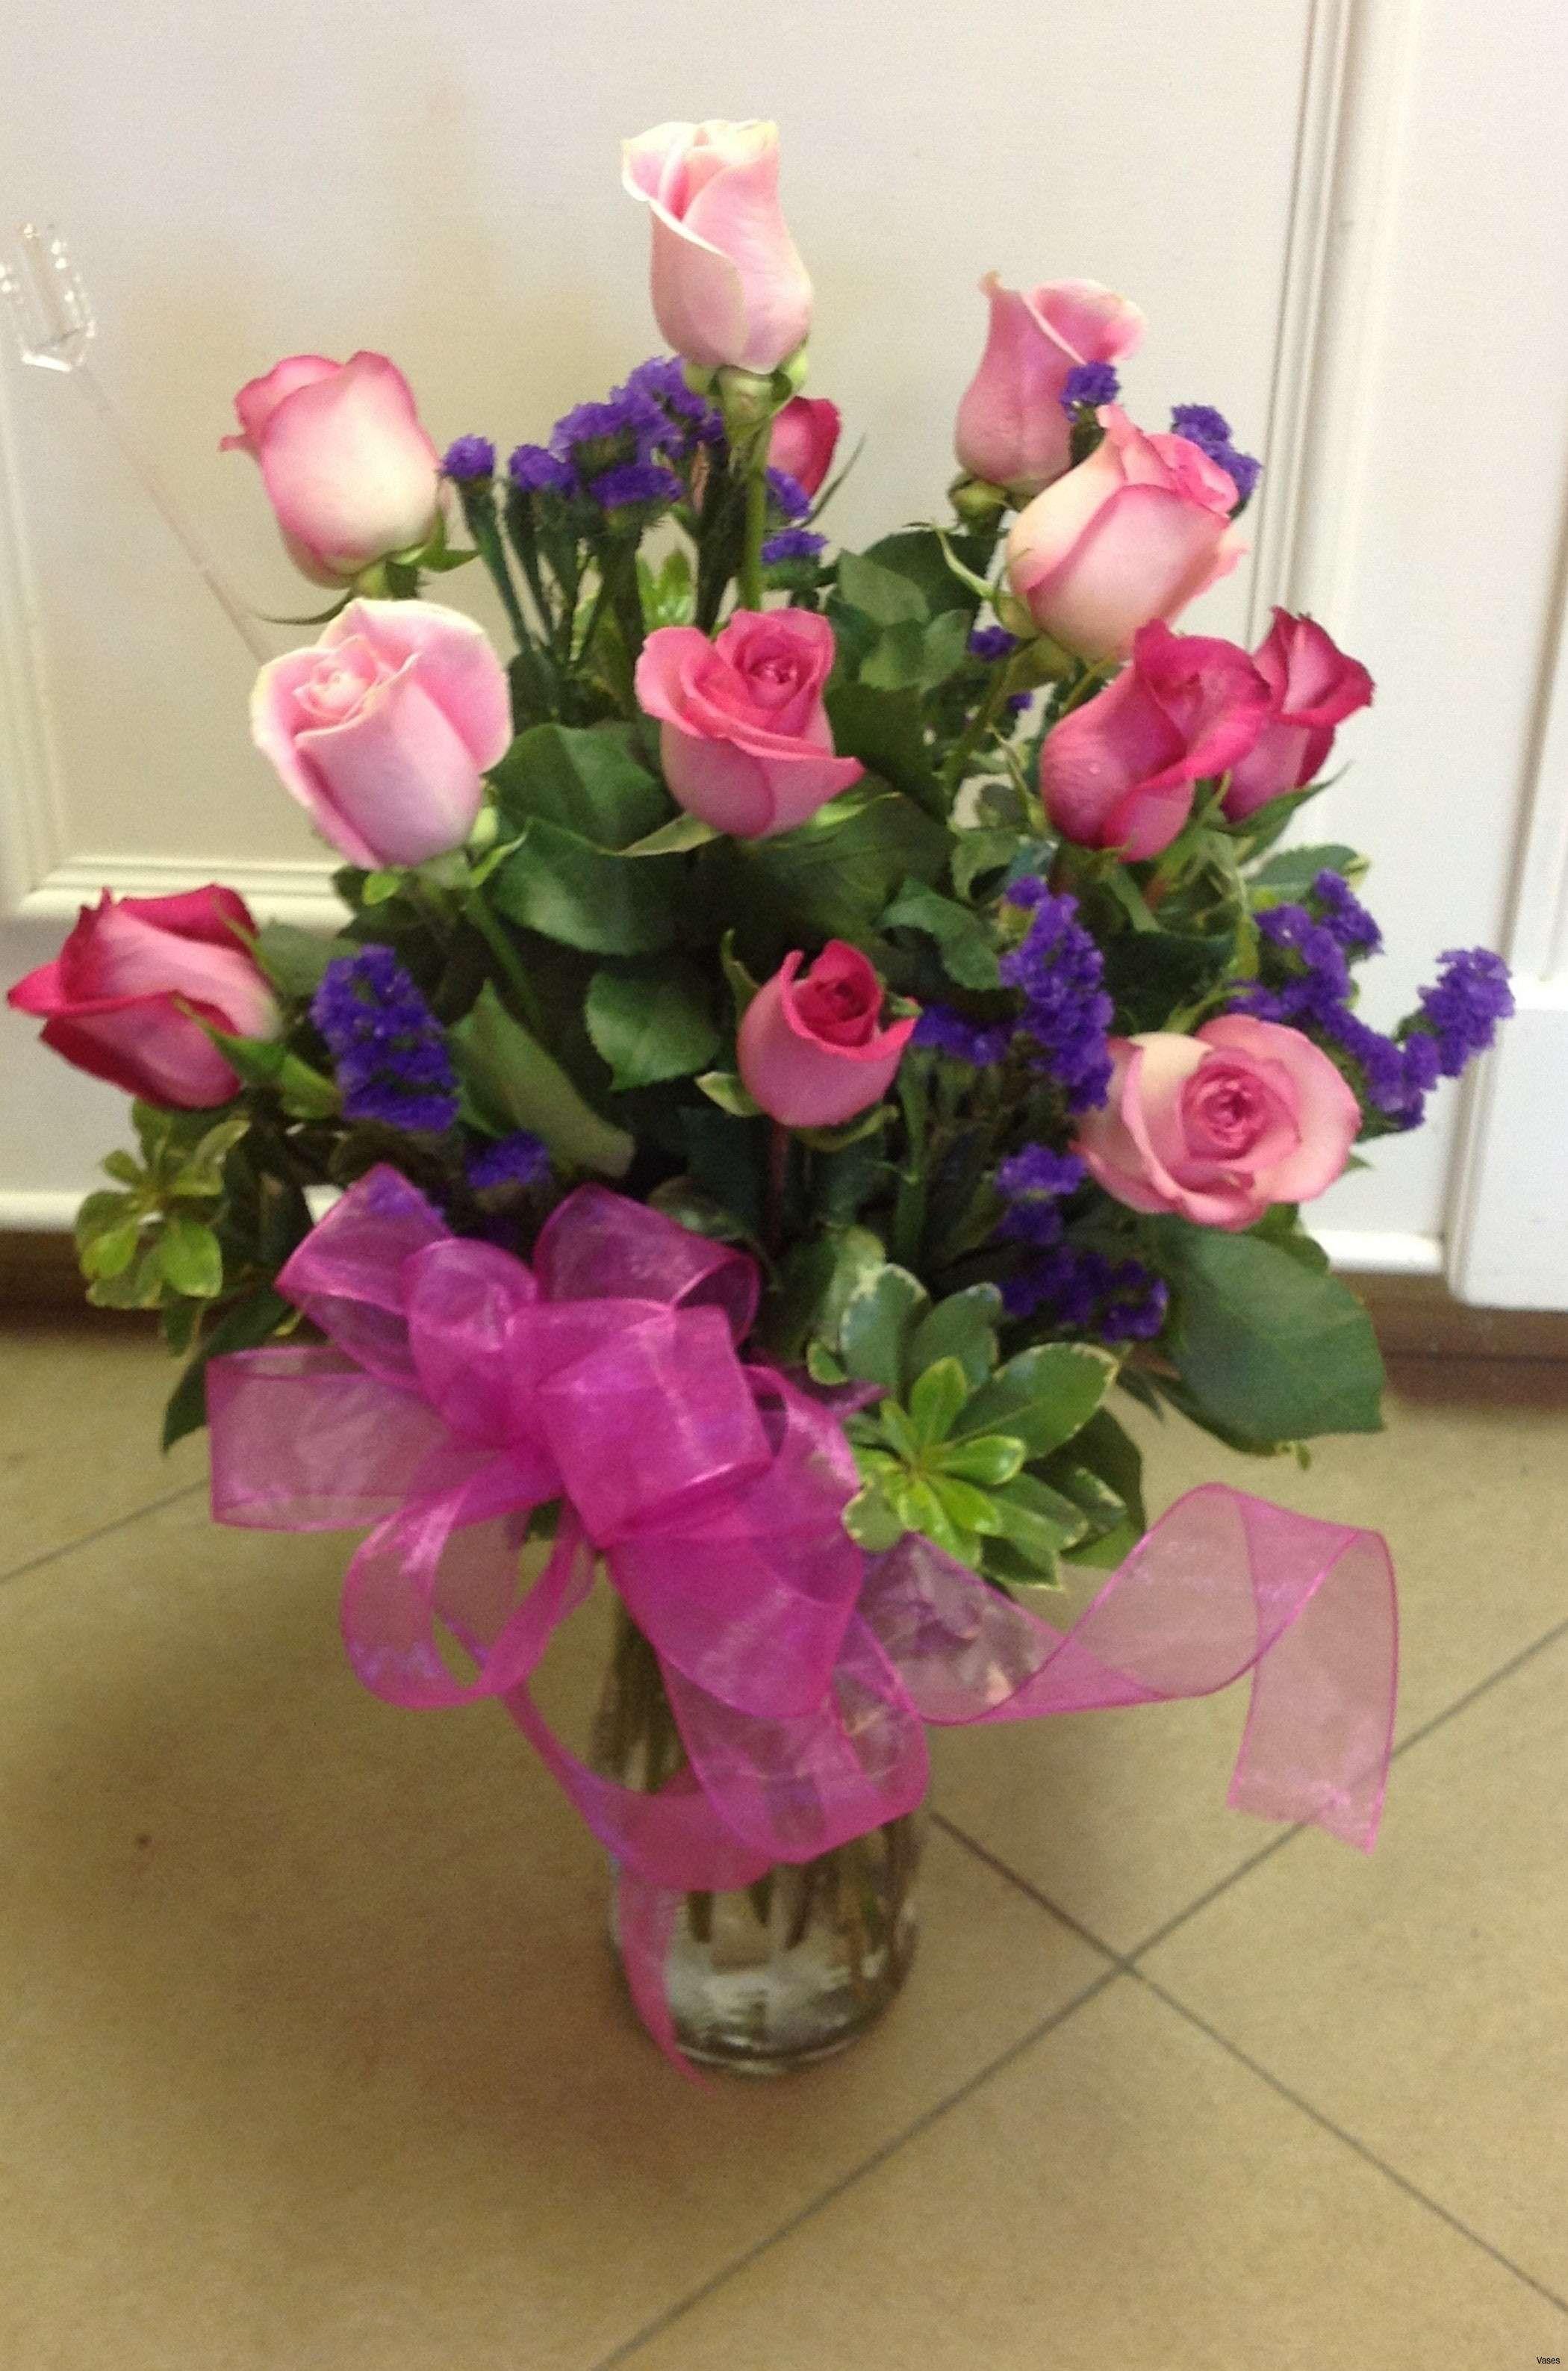 pink roses in glass vase of crystal vase fillers beautiful 15 cheap and easy diy vase filler within crystal vase fillers beautiful 15 cheap and easy diy vase filler ideas 3h vases flower i